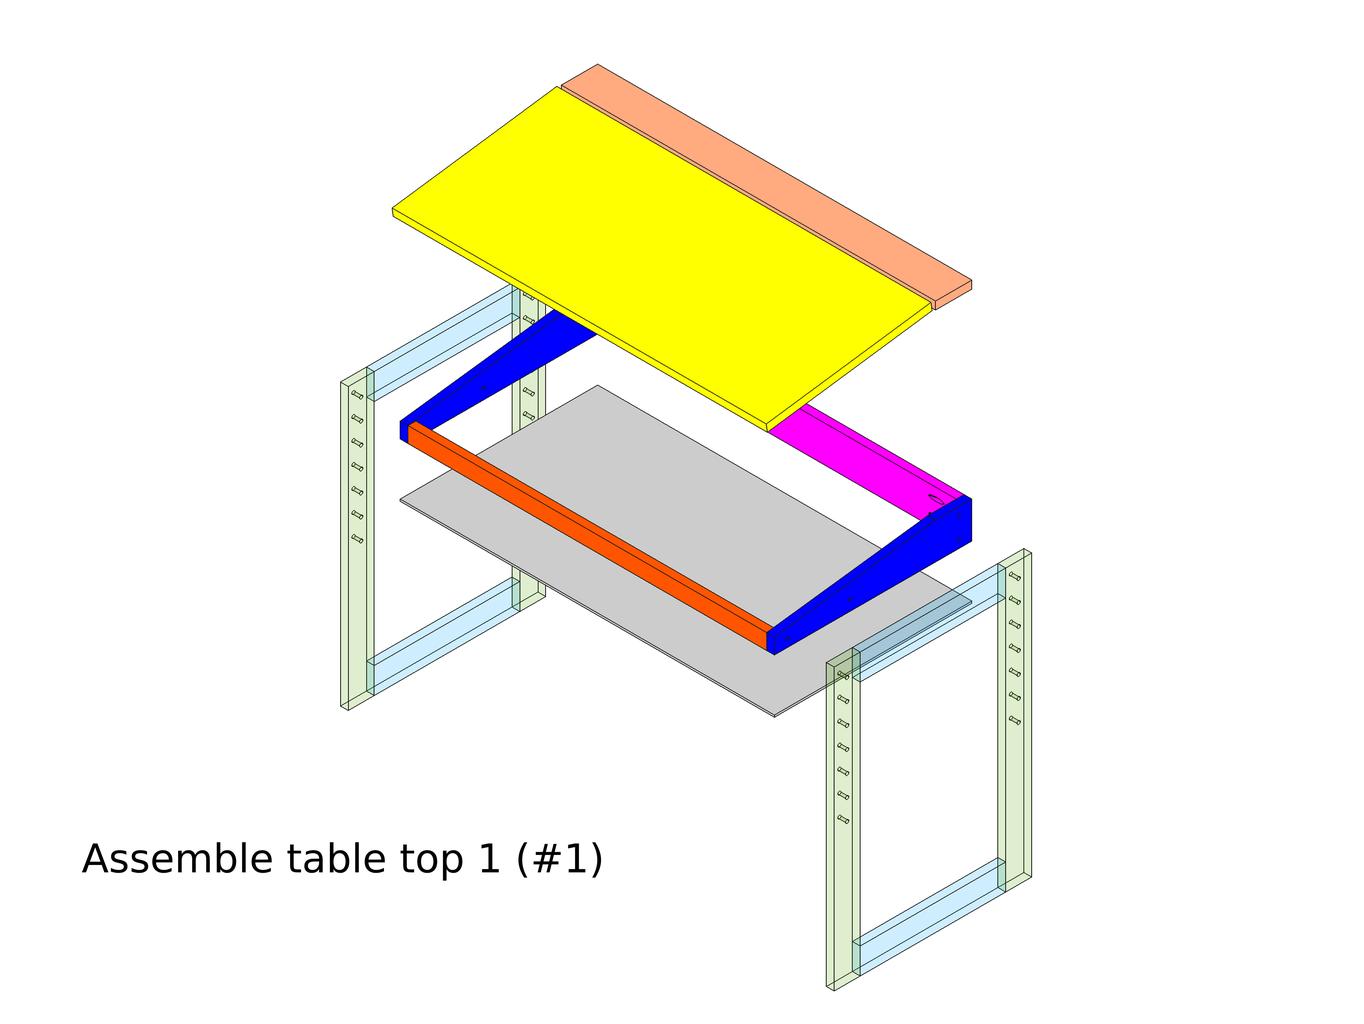 Add the Tilt Table Top